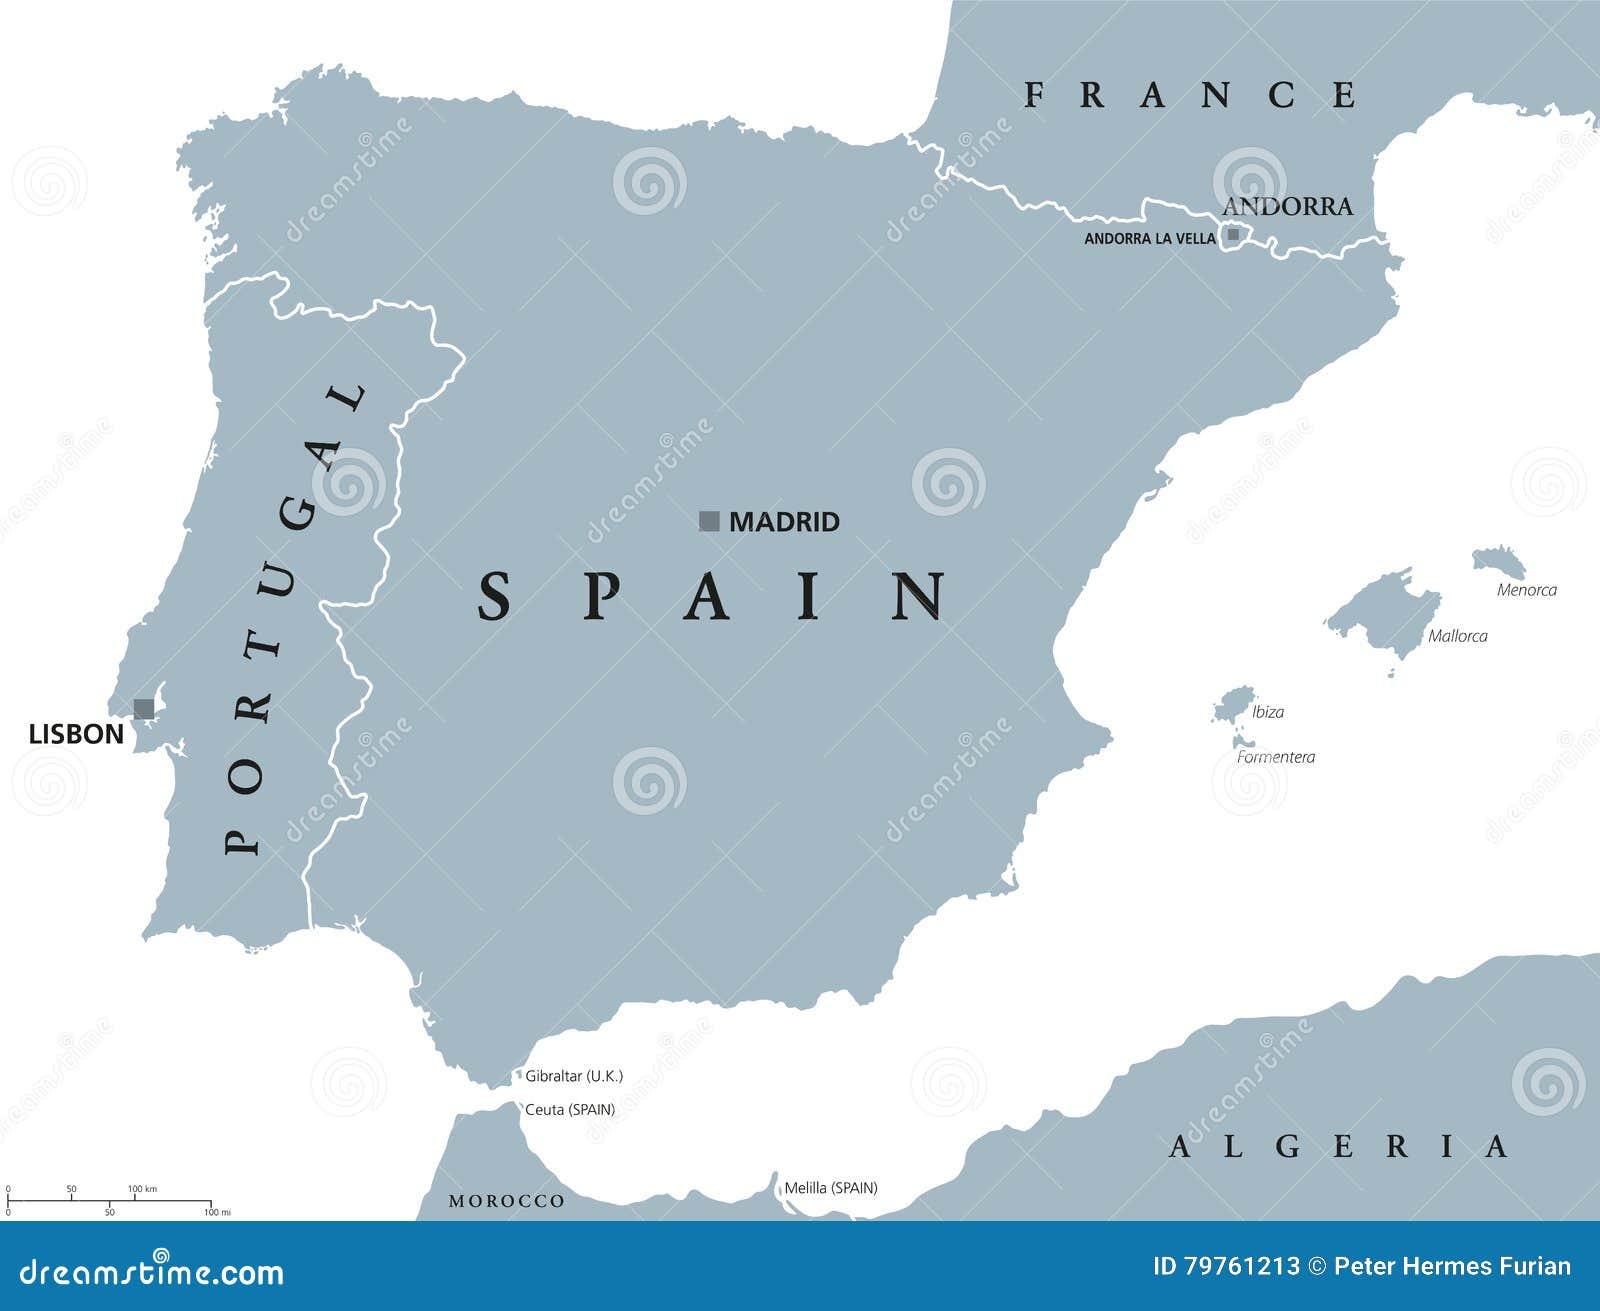 Portogallo E Spagna Cartina.Mappa Politica Della Spagna E Del Portogallo Illustrazione Vettoriale Illustrazione Di Terra Andorra 79761213